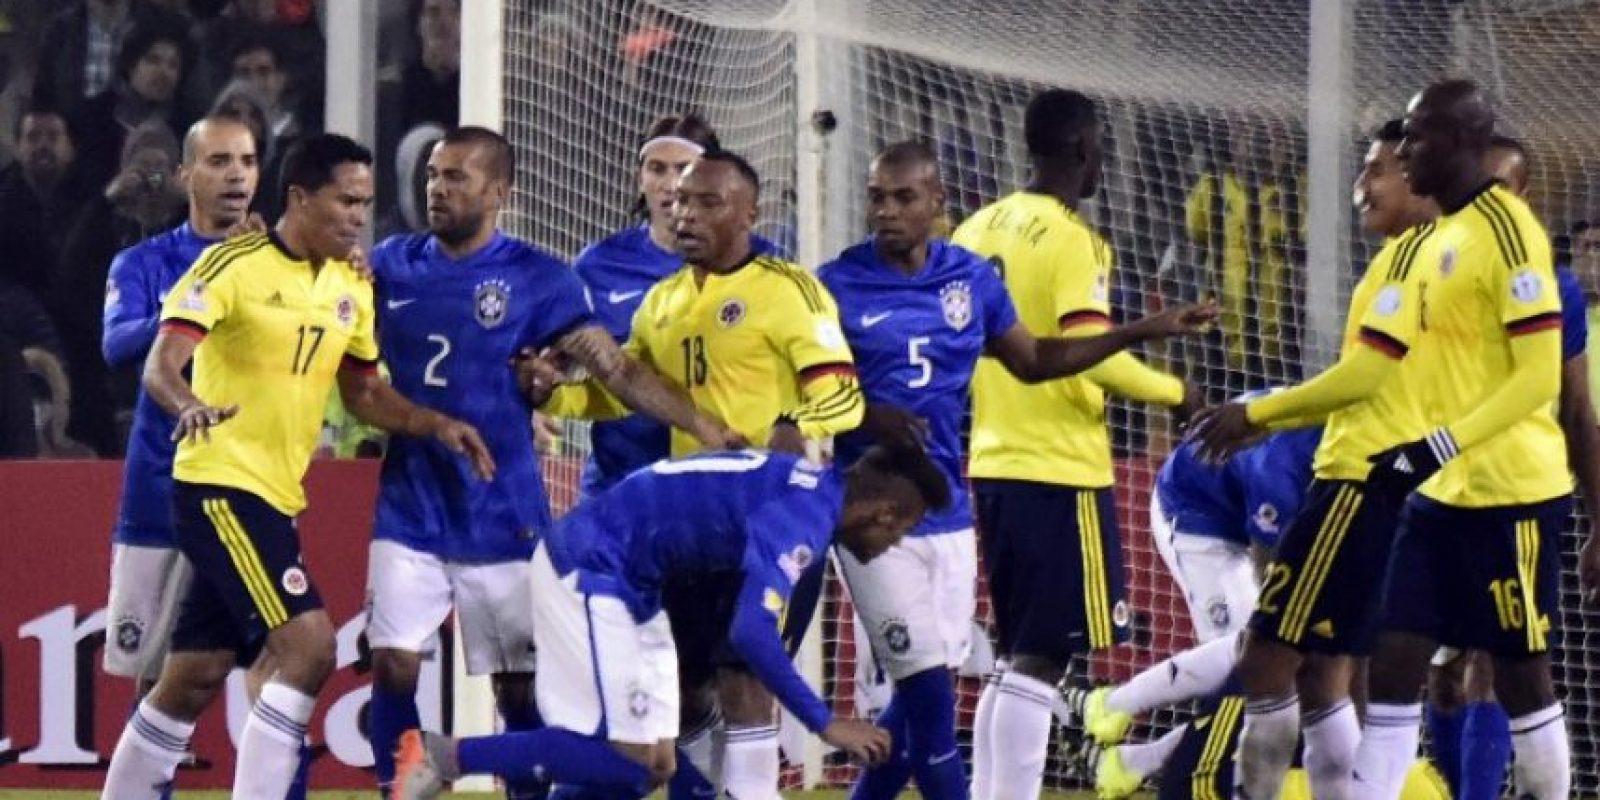 La gresca entre colombianos y brasileños al final del partido Foto:AFP